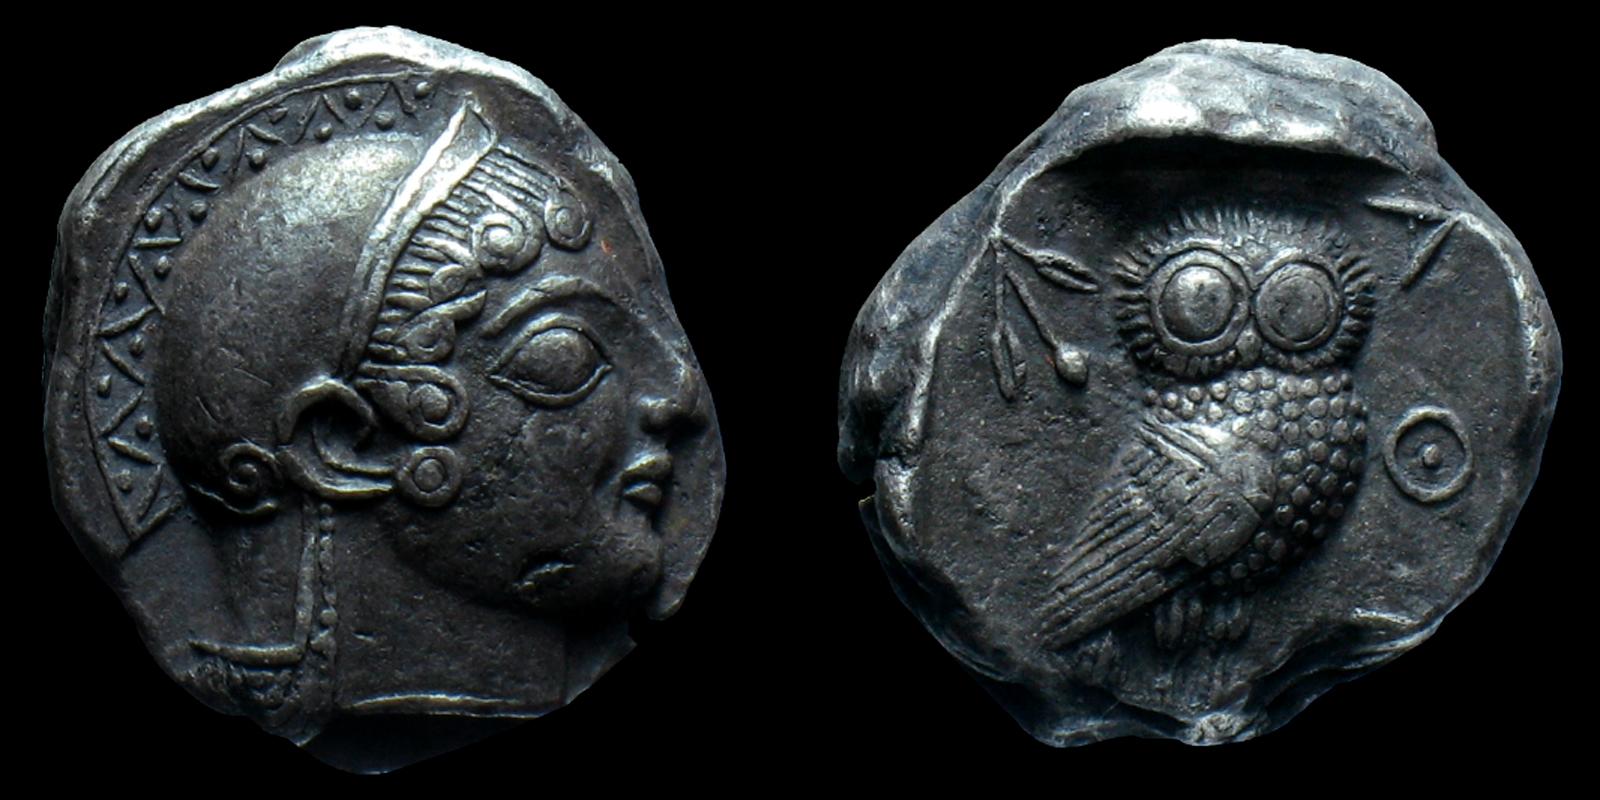 La moneta della democrazia: il tetradramma di Atene